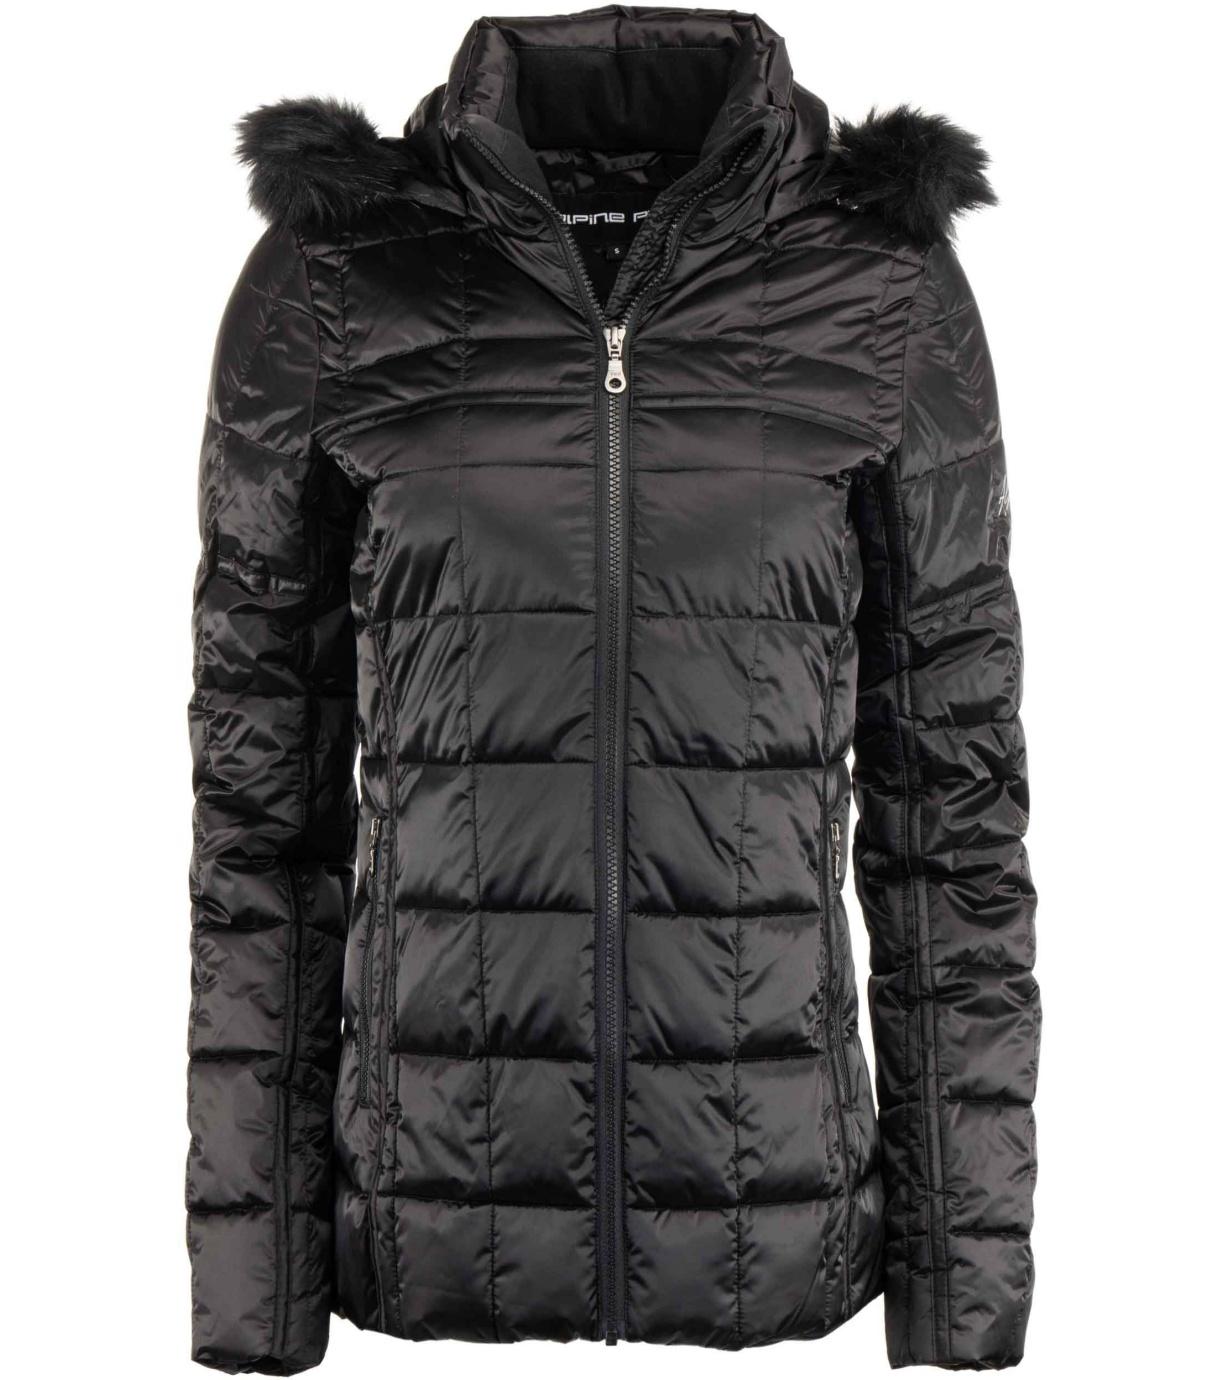 ALPINE PRO LEMEKA Dámská zimní bunda LJCS441990R černá XL